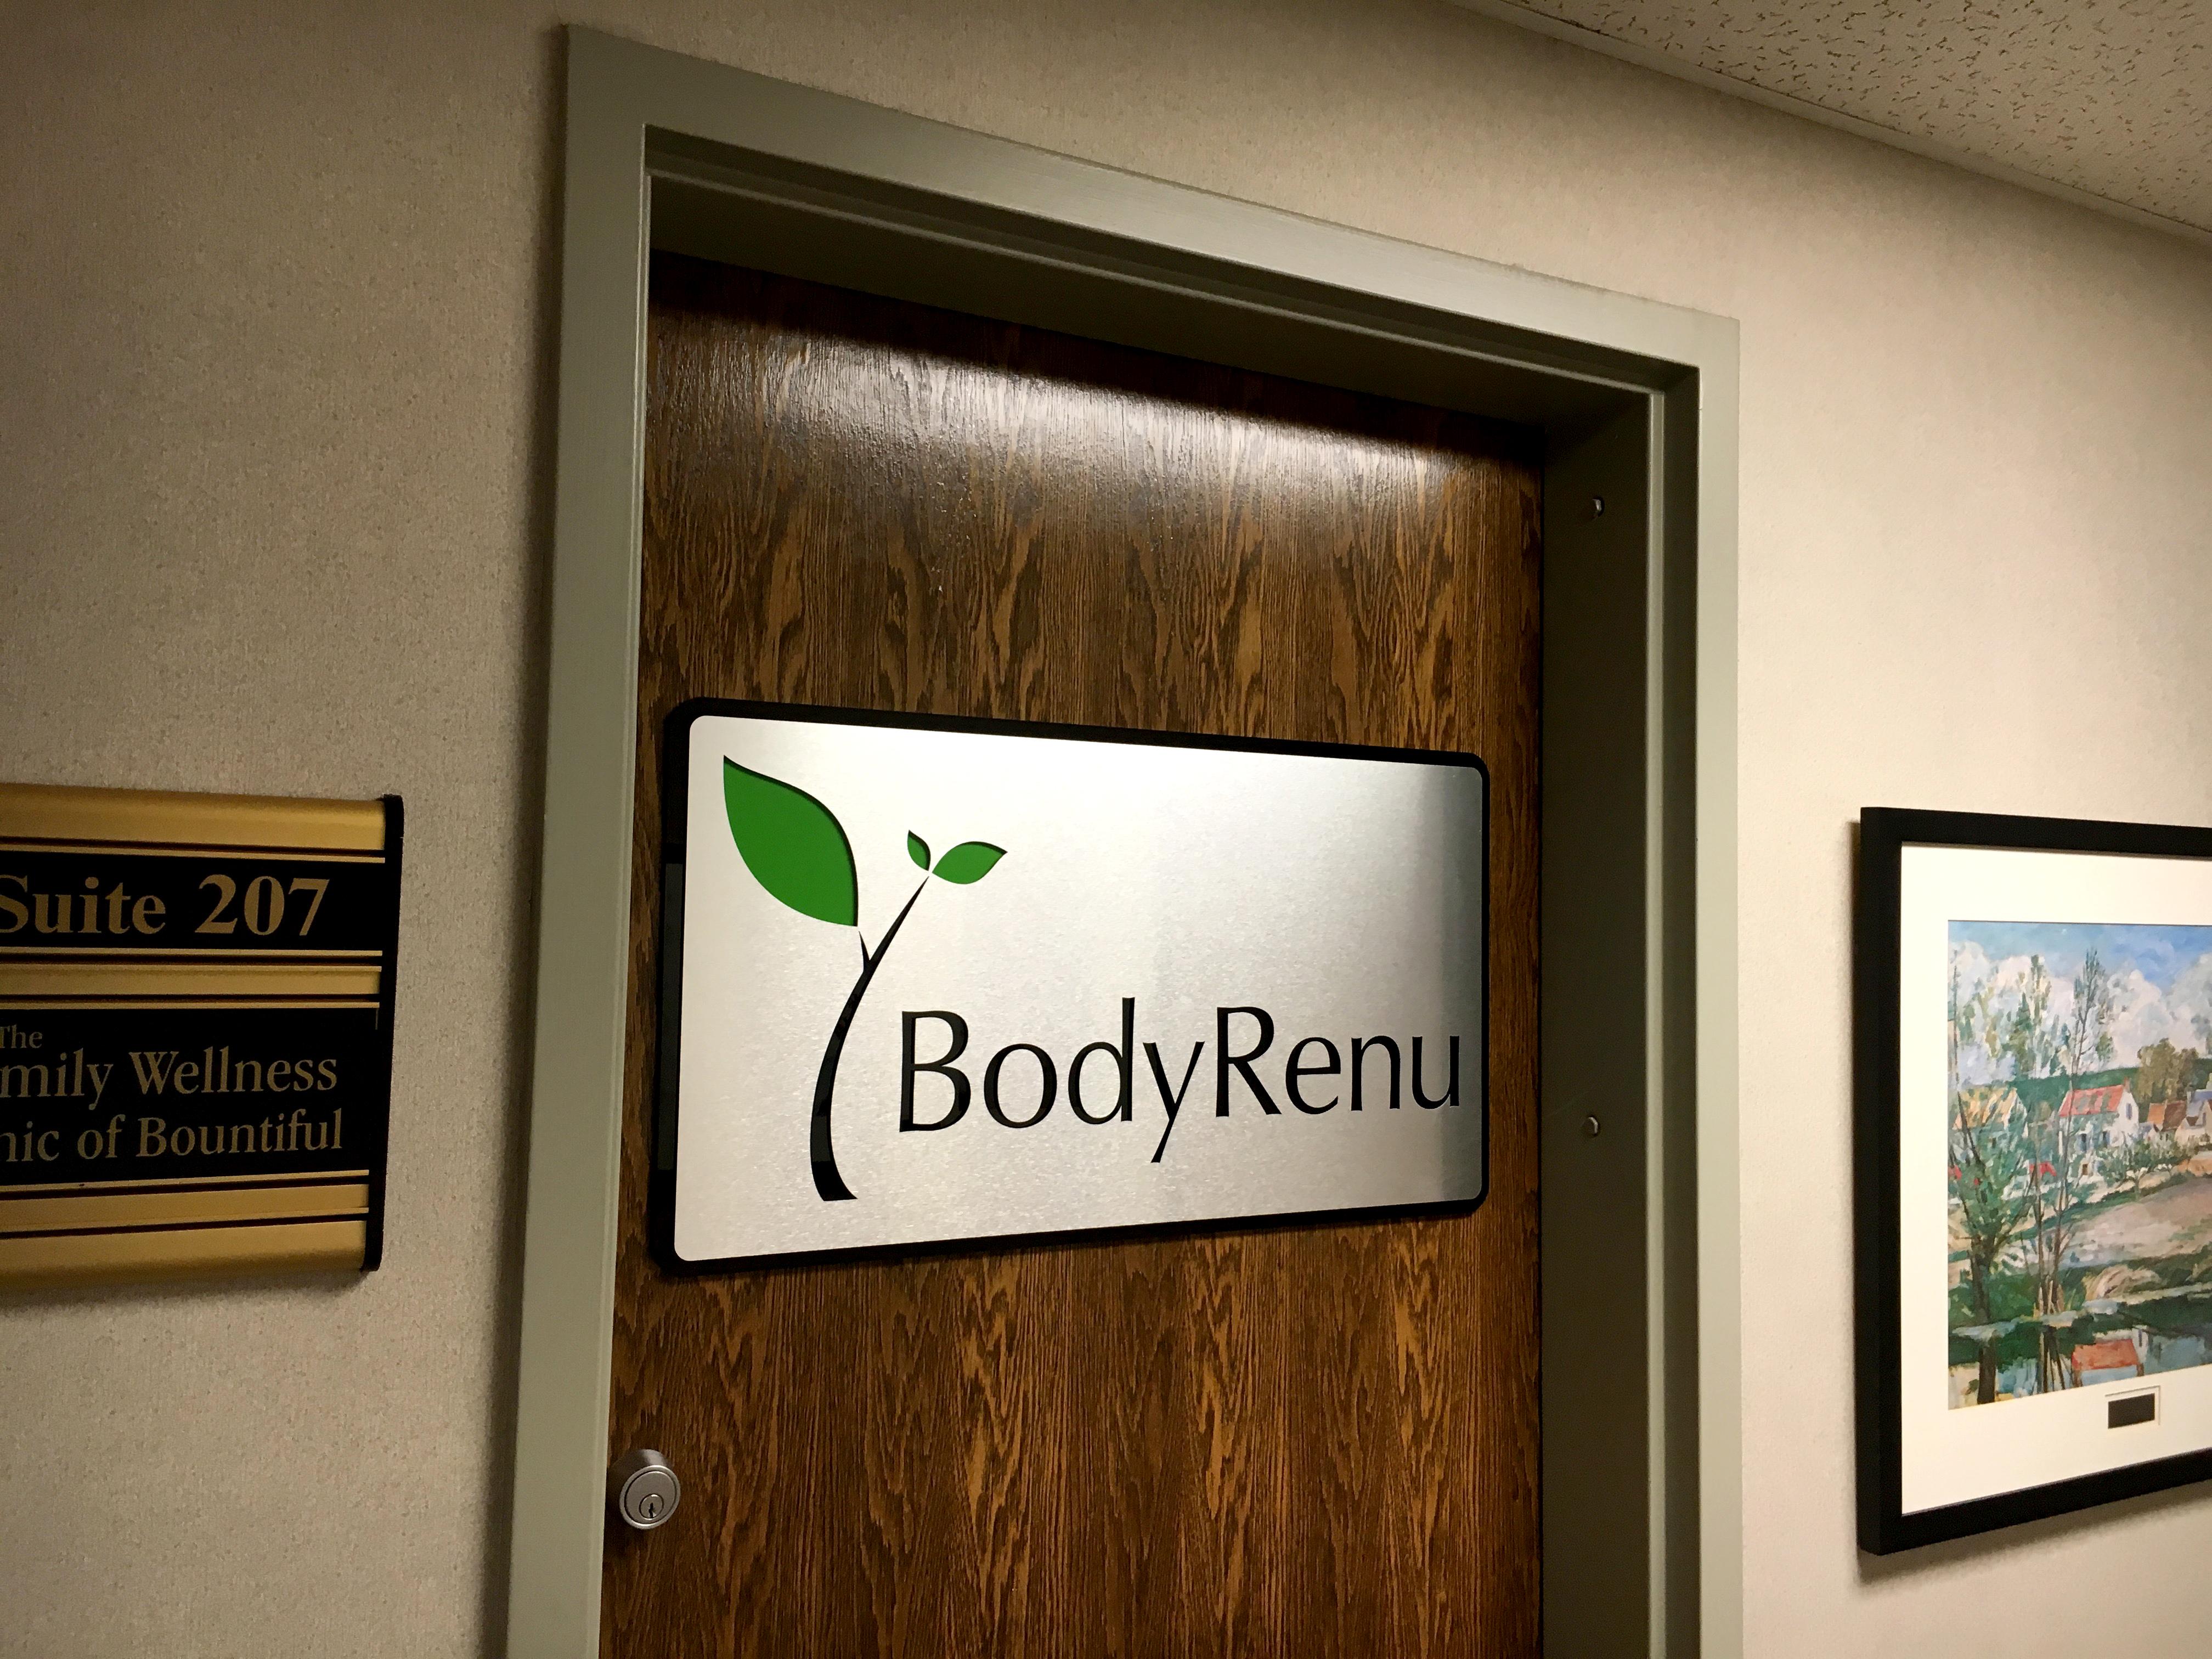 Body Renu